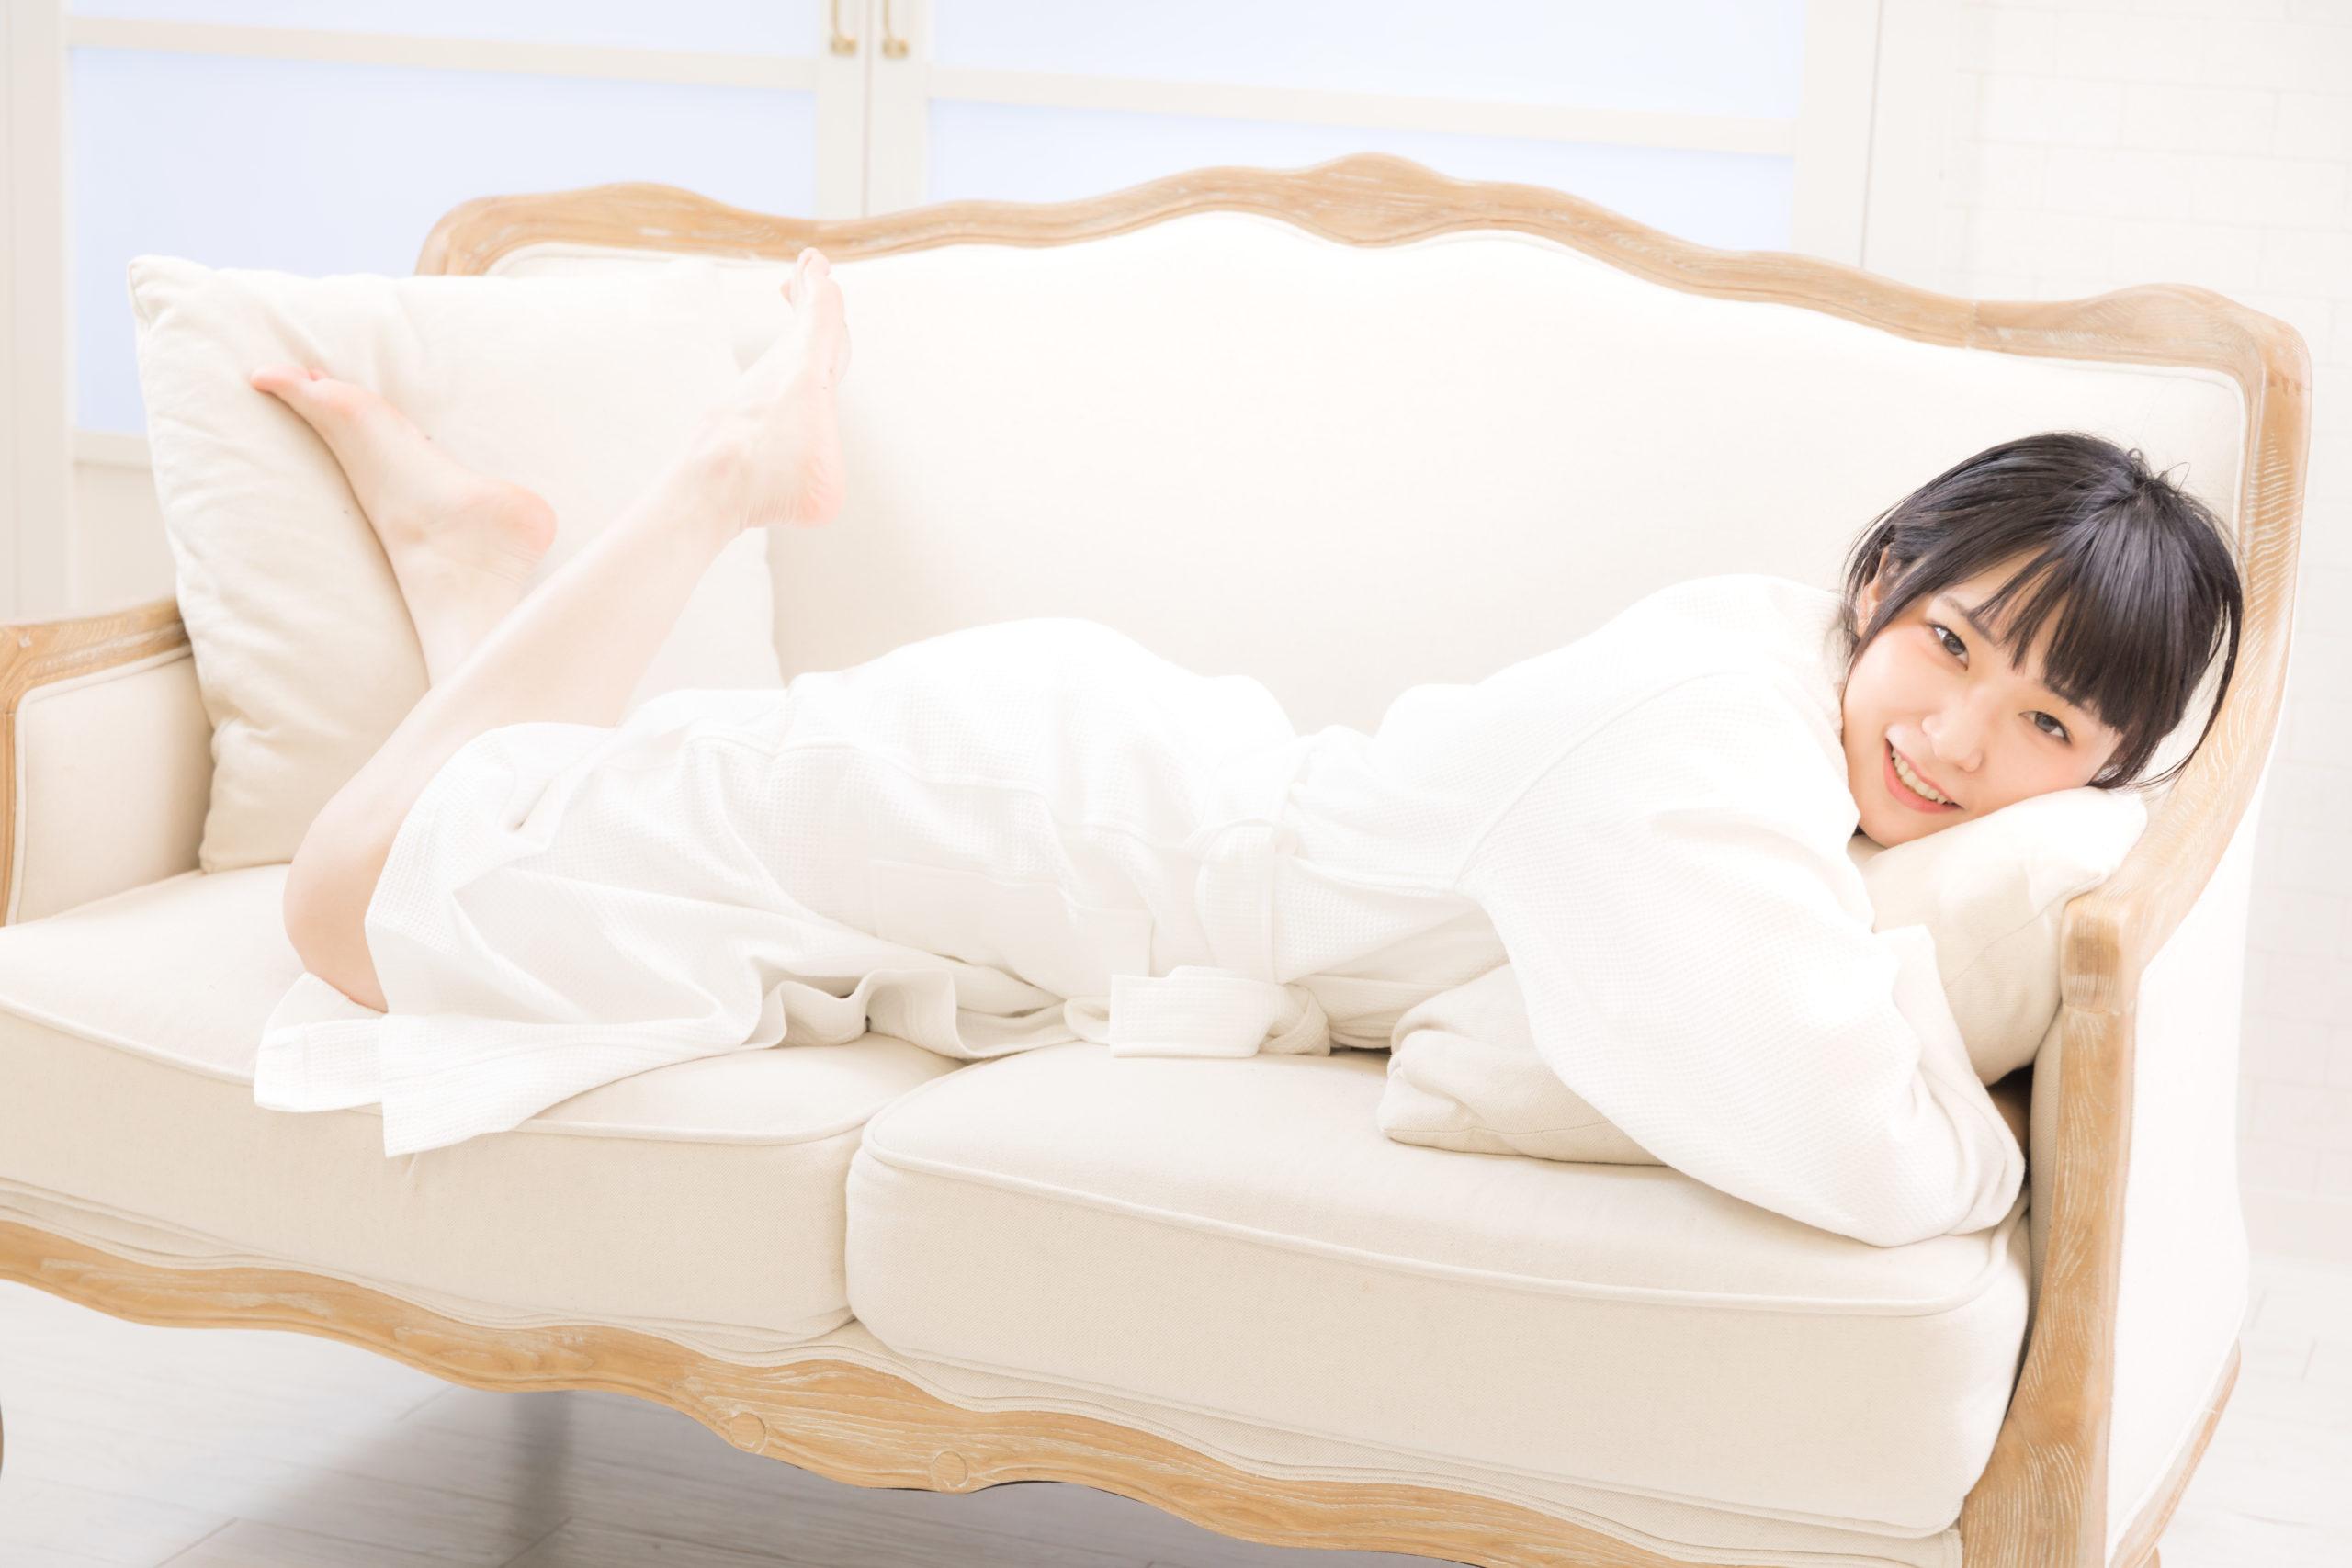 girl-holding-pillow